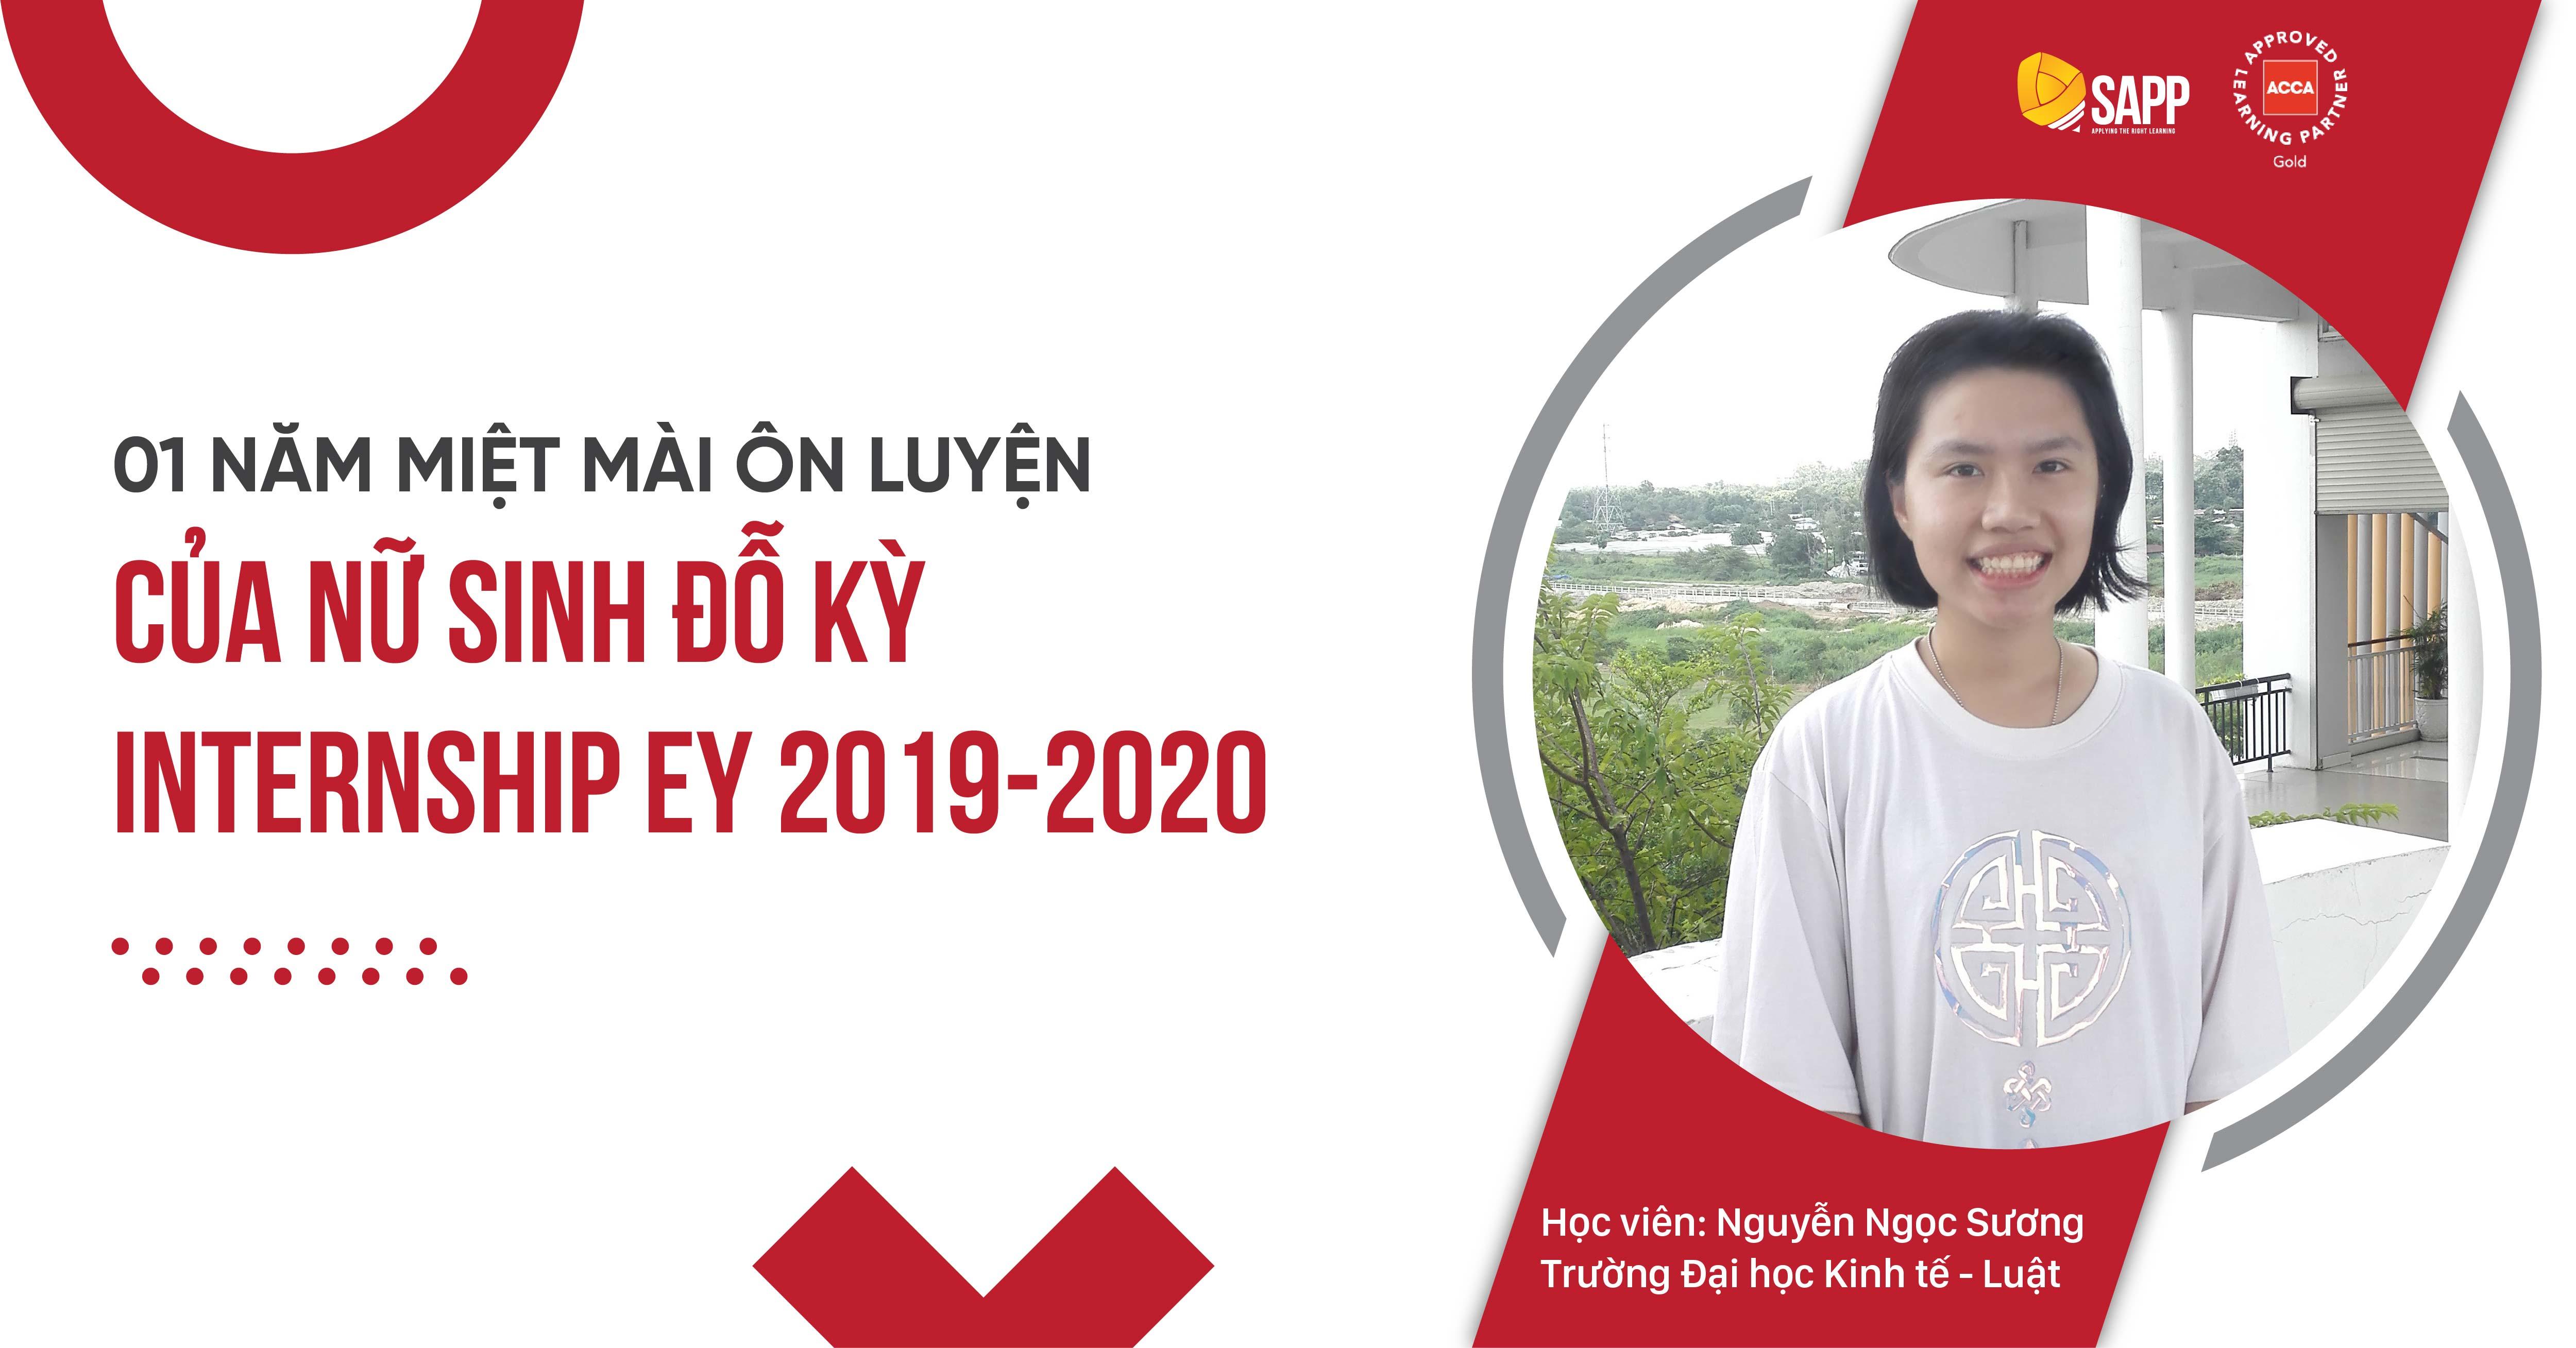 1 NĂM MIỆT MÀI ÔN LUYỆN CỦA NỮ SINH ĐỖ KỲ INTERNSHIP EY 2020 - 2021